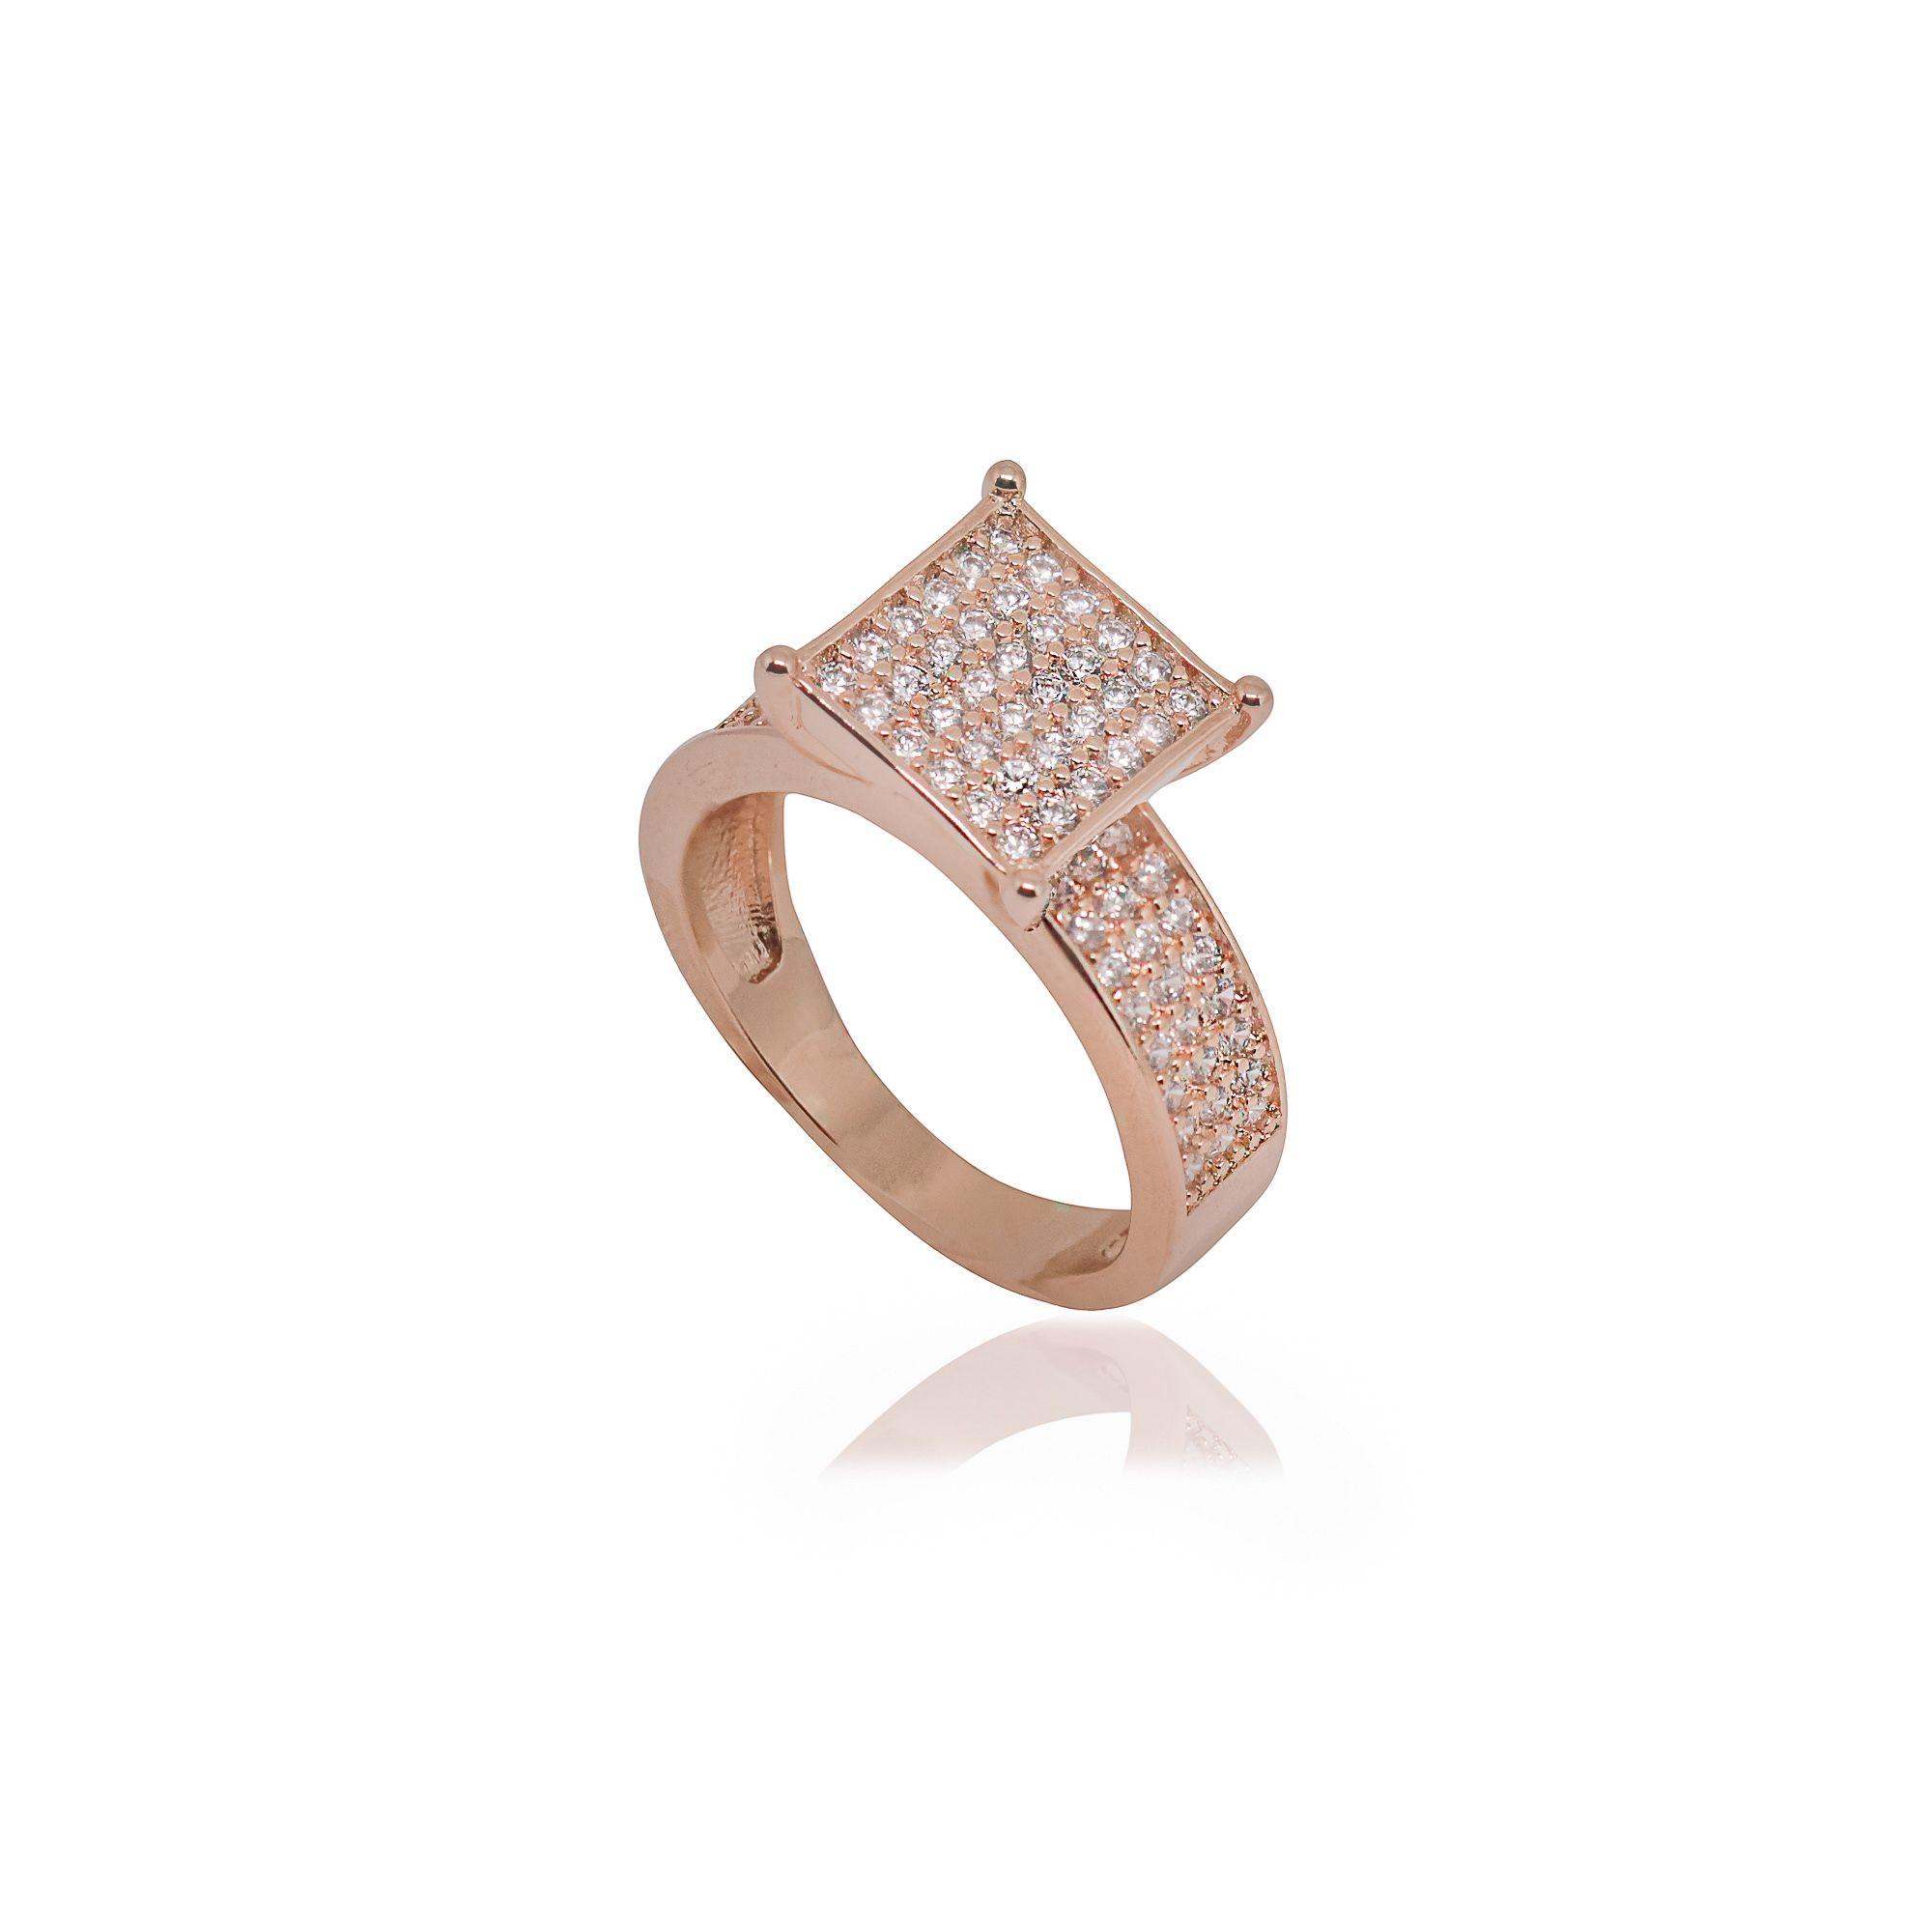 Anel Semi joia quadrado cravejado e banhado a ouro 18k ou rhodium